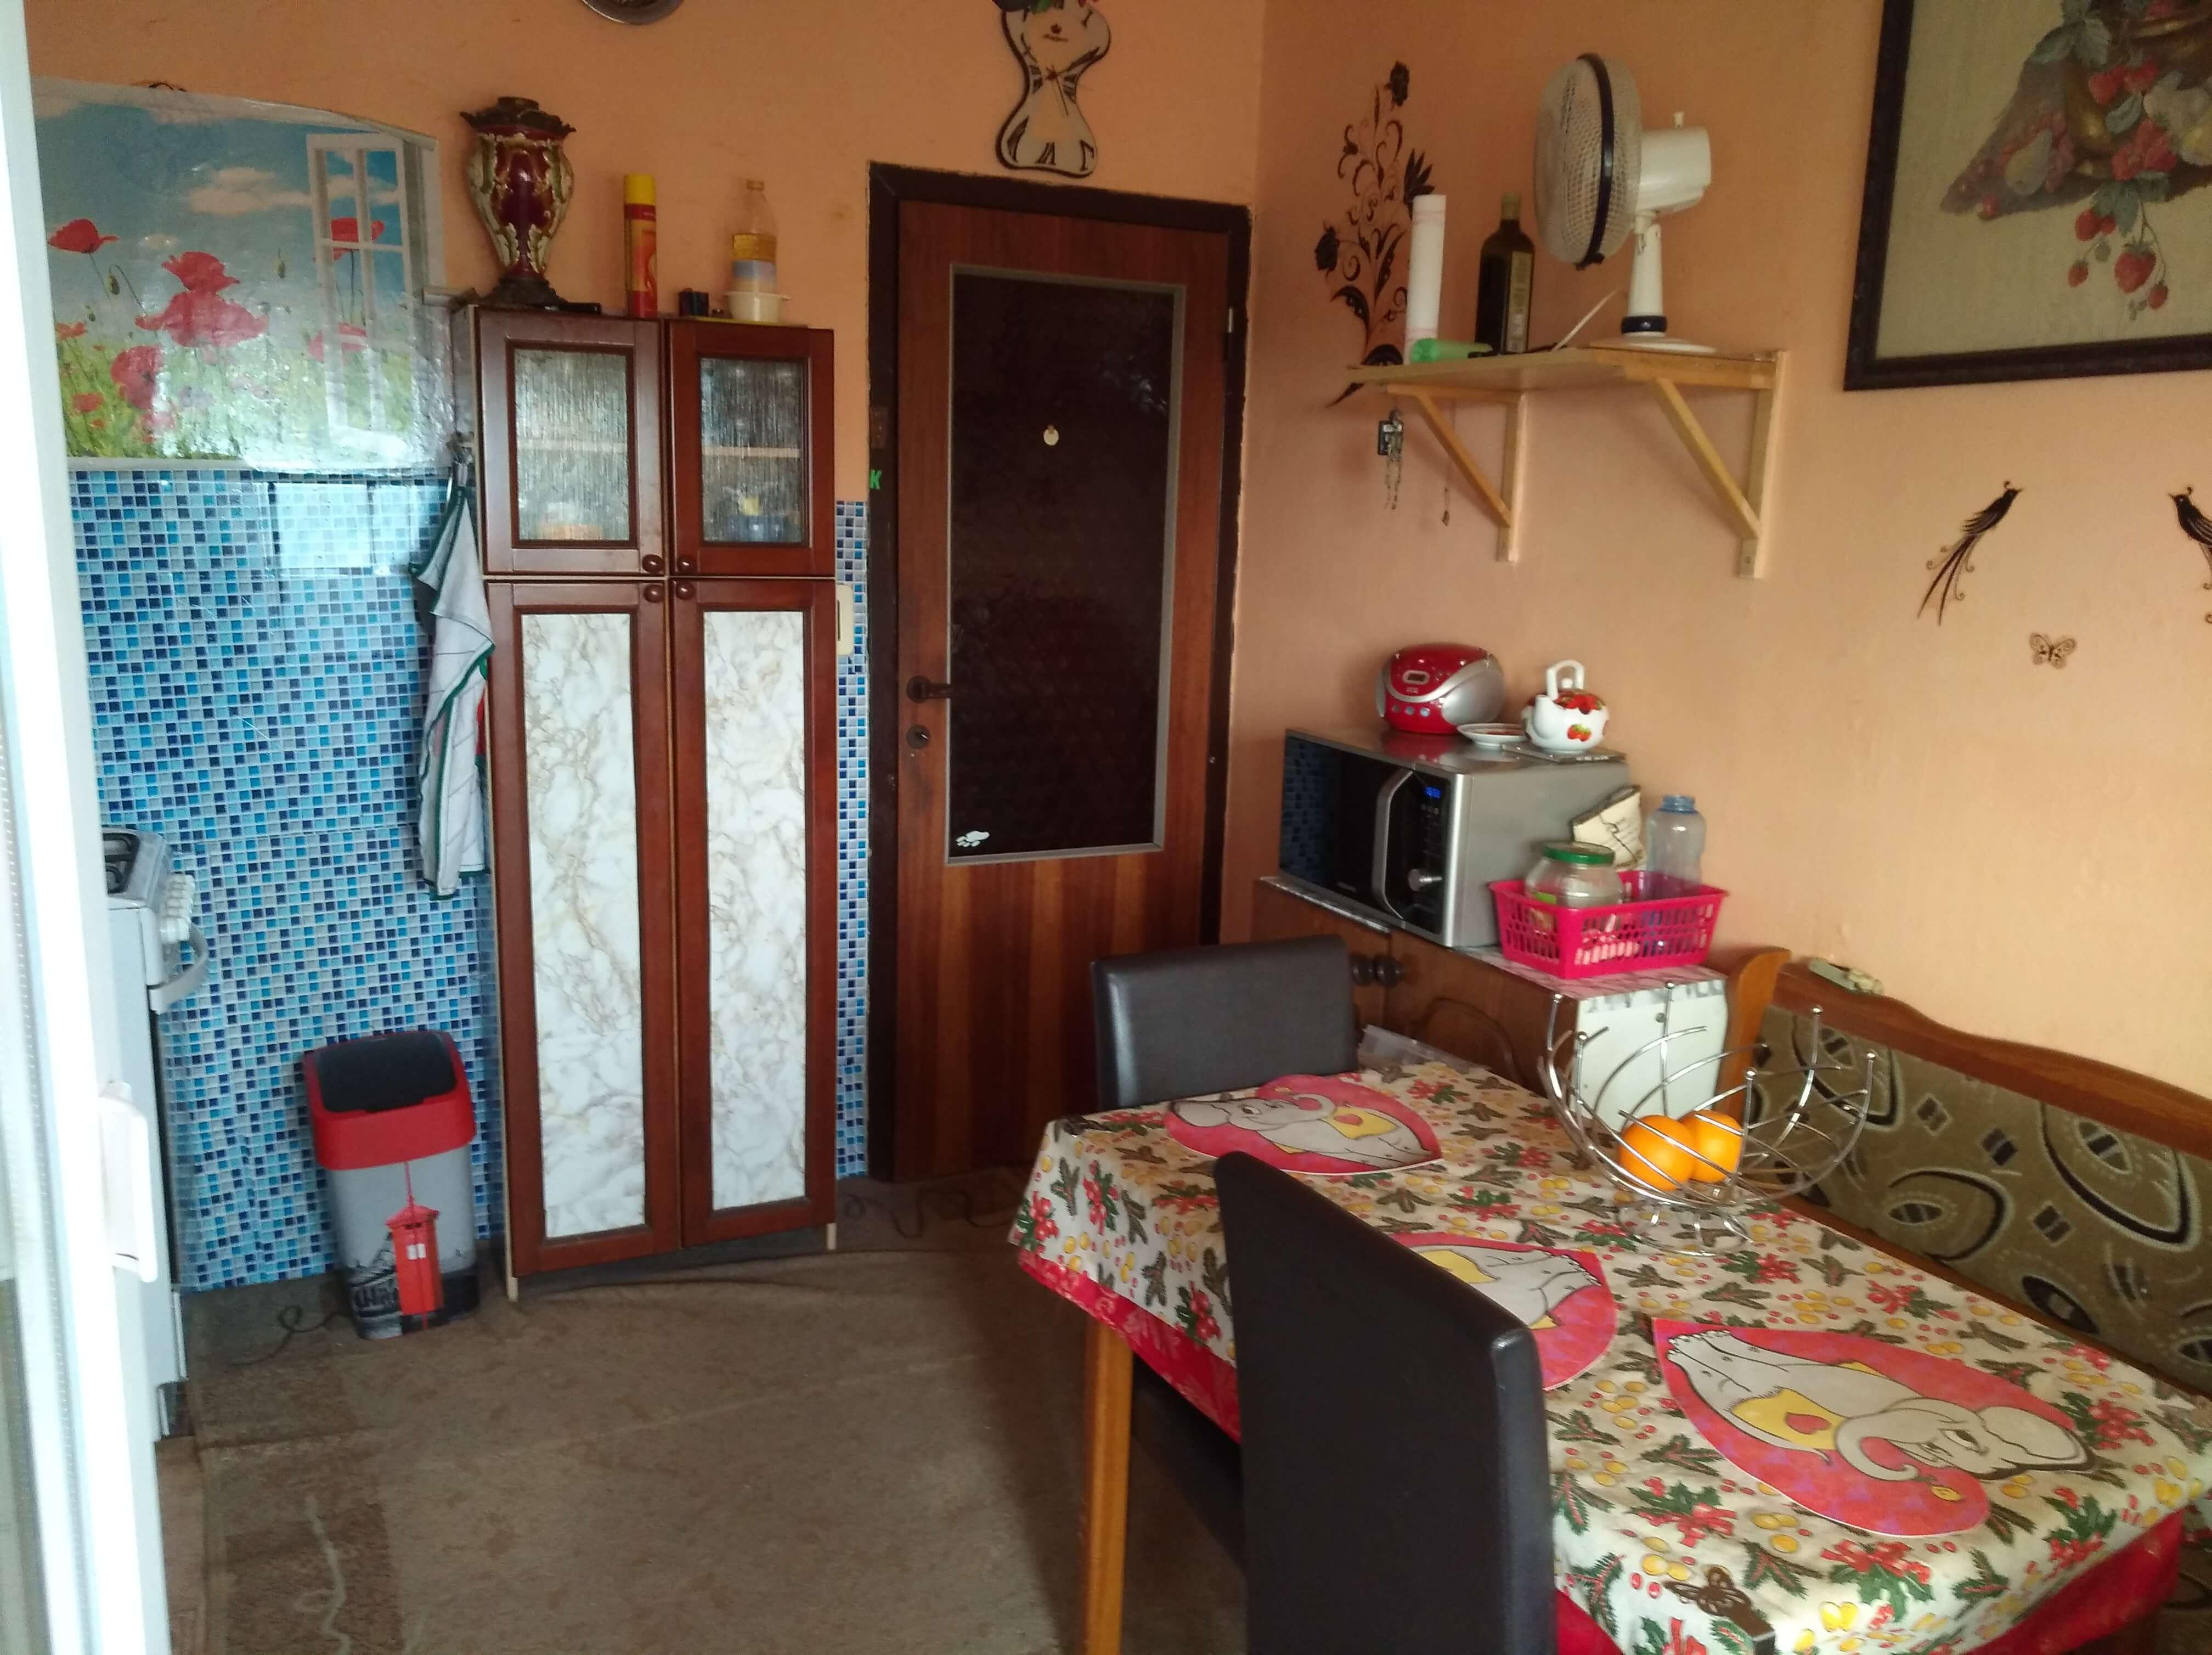 Predaný Byt v pôvodom stave na Švabinského ulici-7